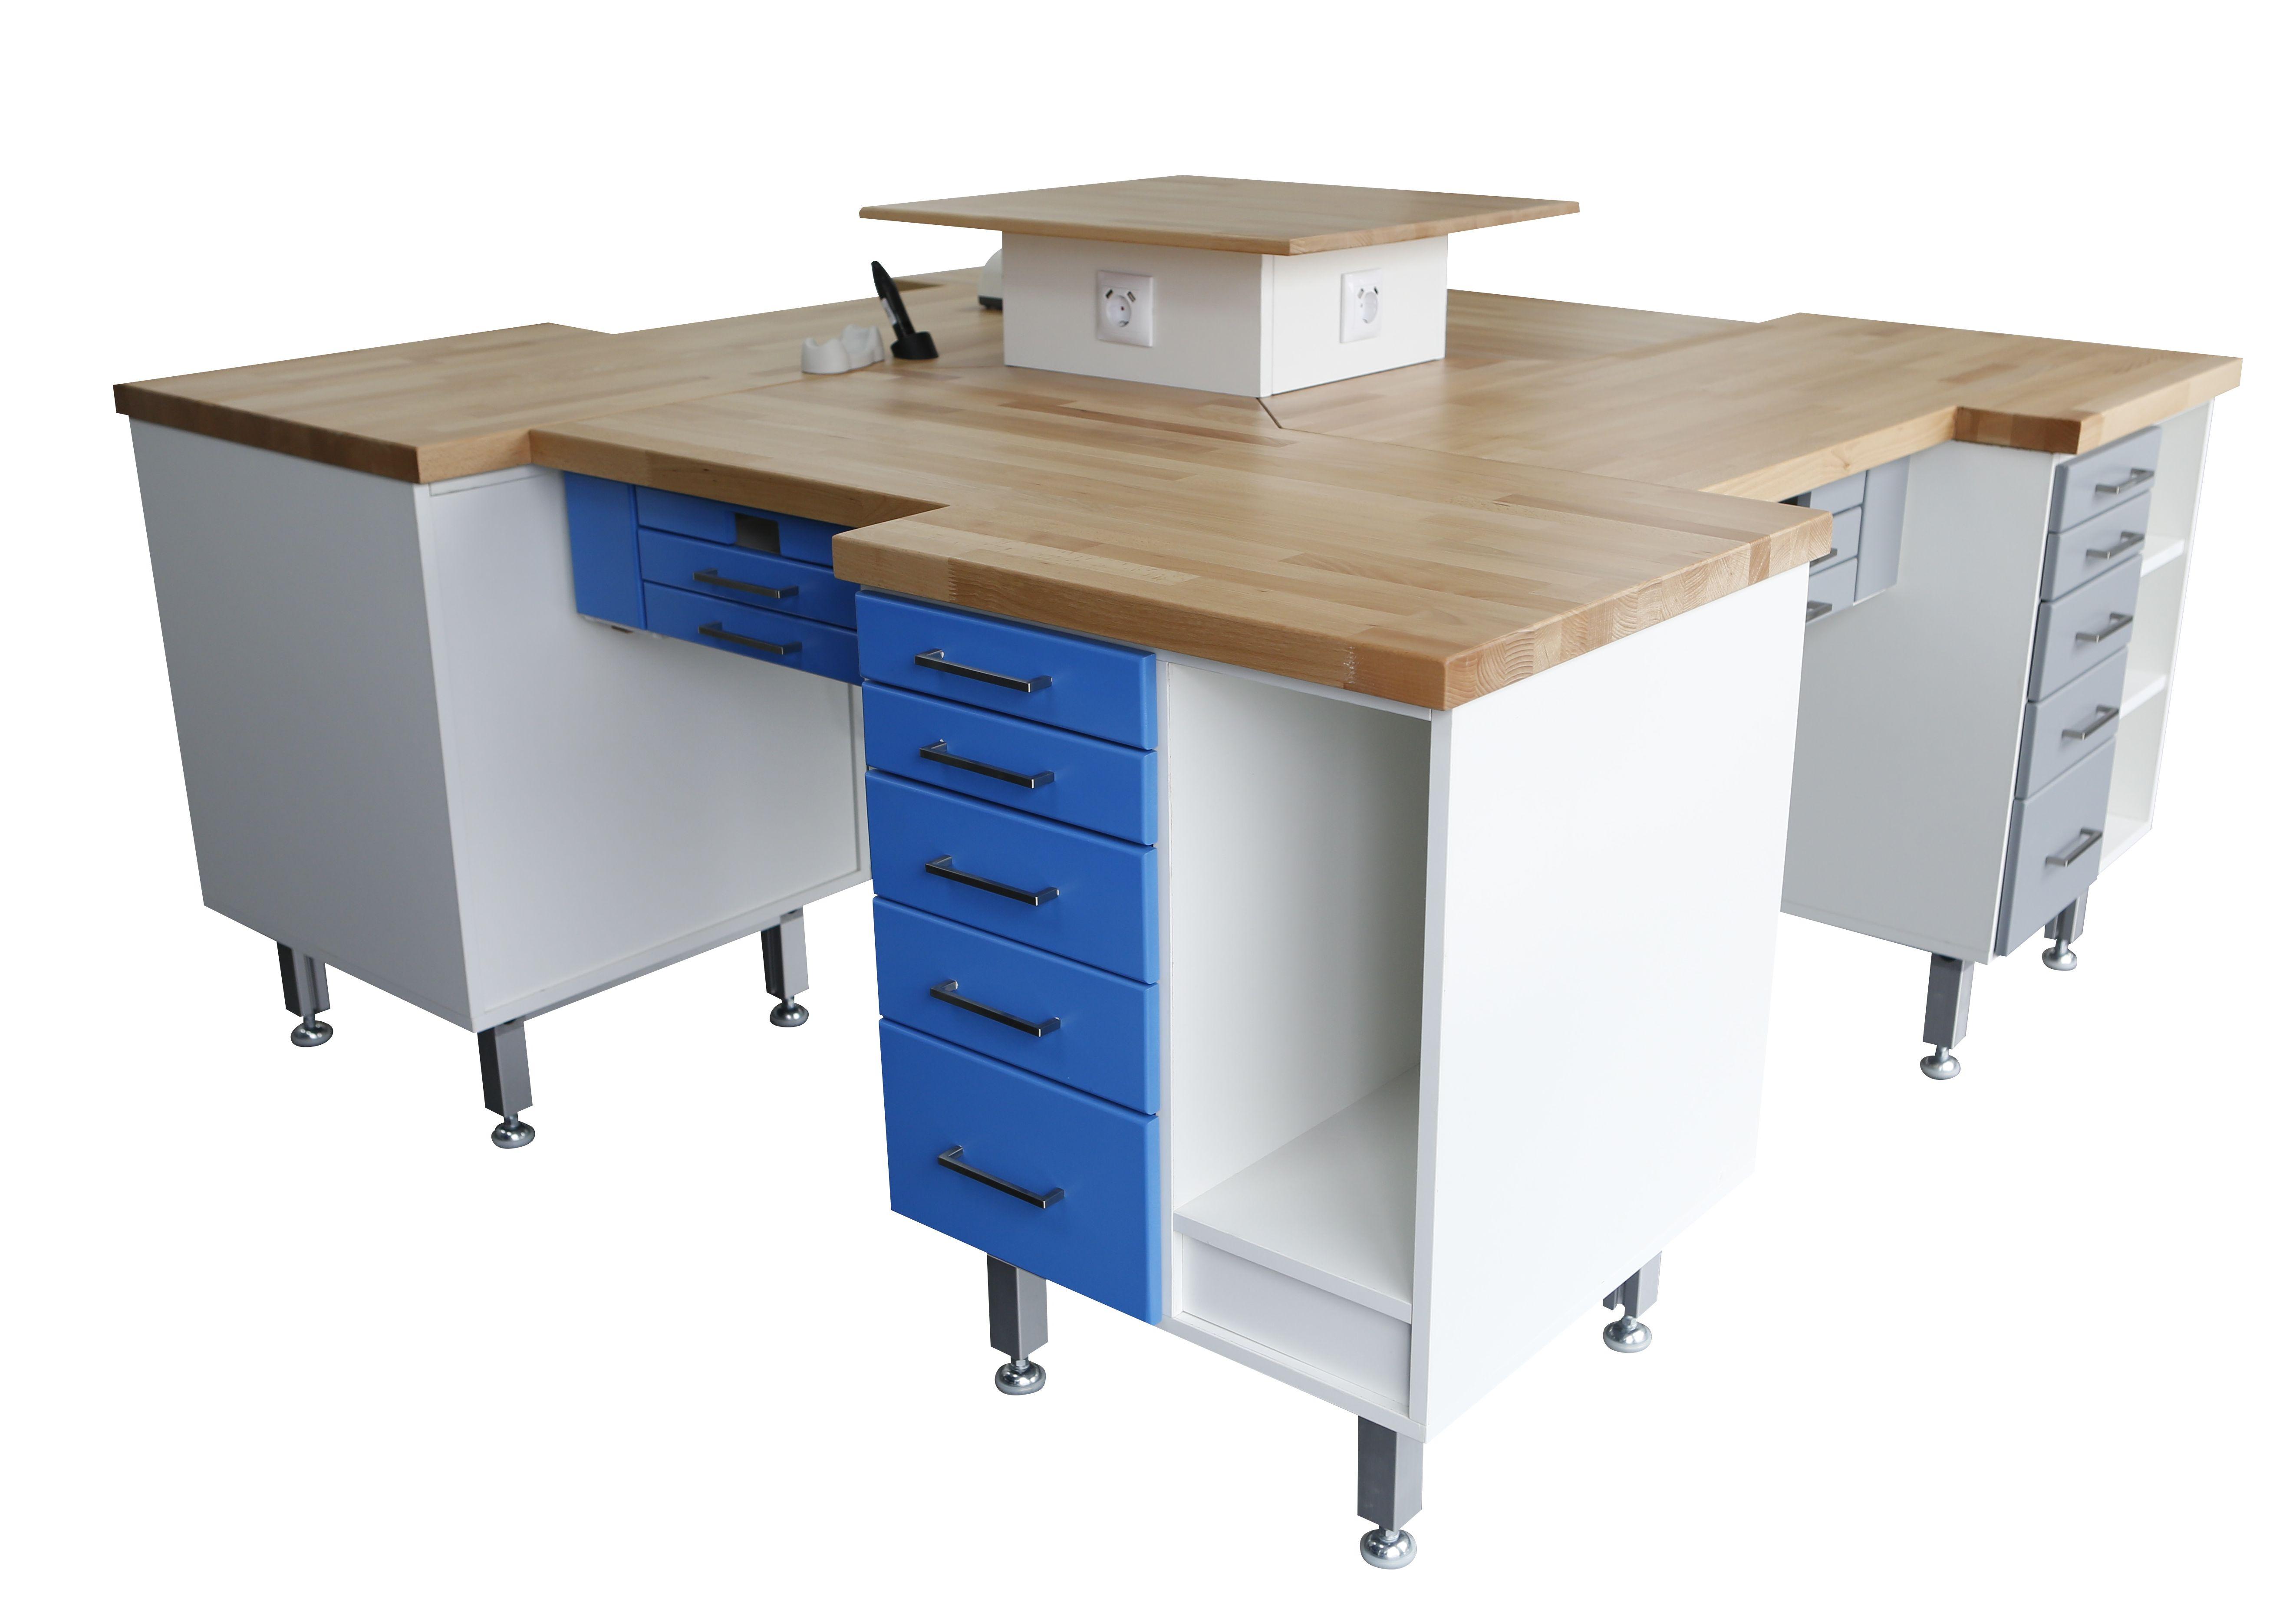 4er Labortisch / 4´er Insel / Labor Insel - Hausmarke - neu - blau